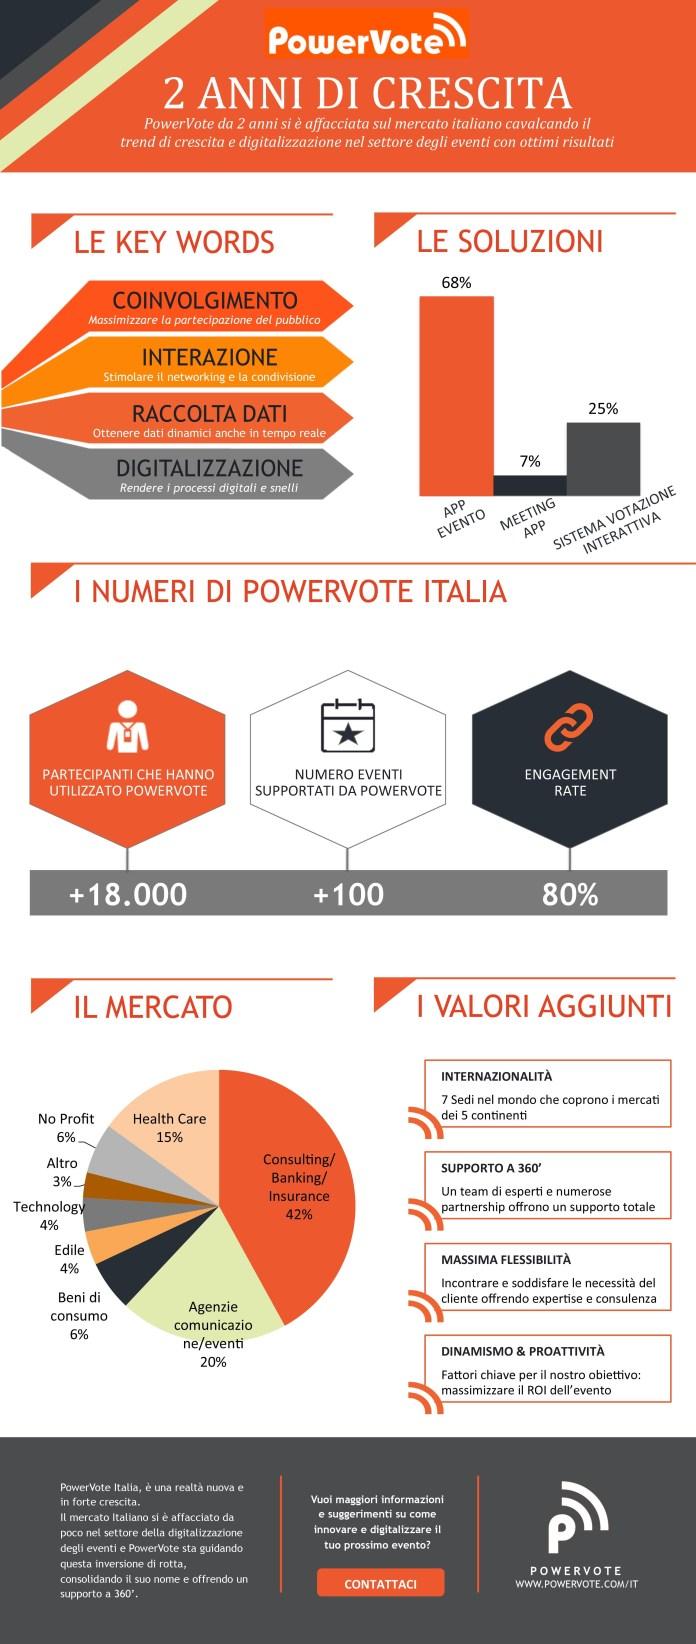 infografica powervote Organizzare eventi di successo: Powervote stila le principali regole da seguire